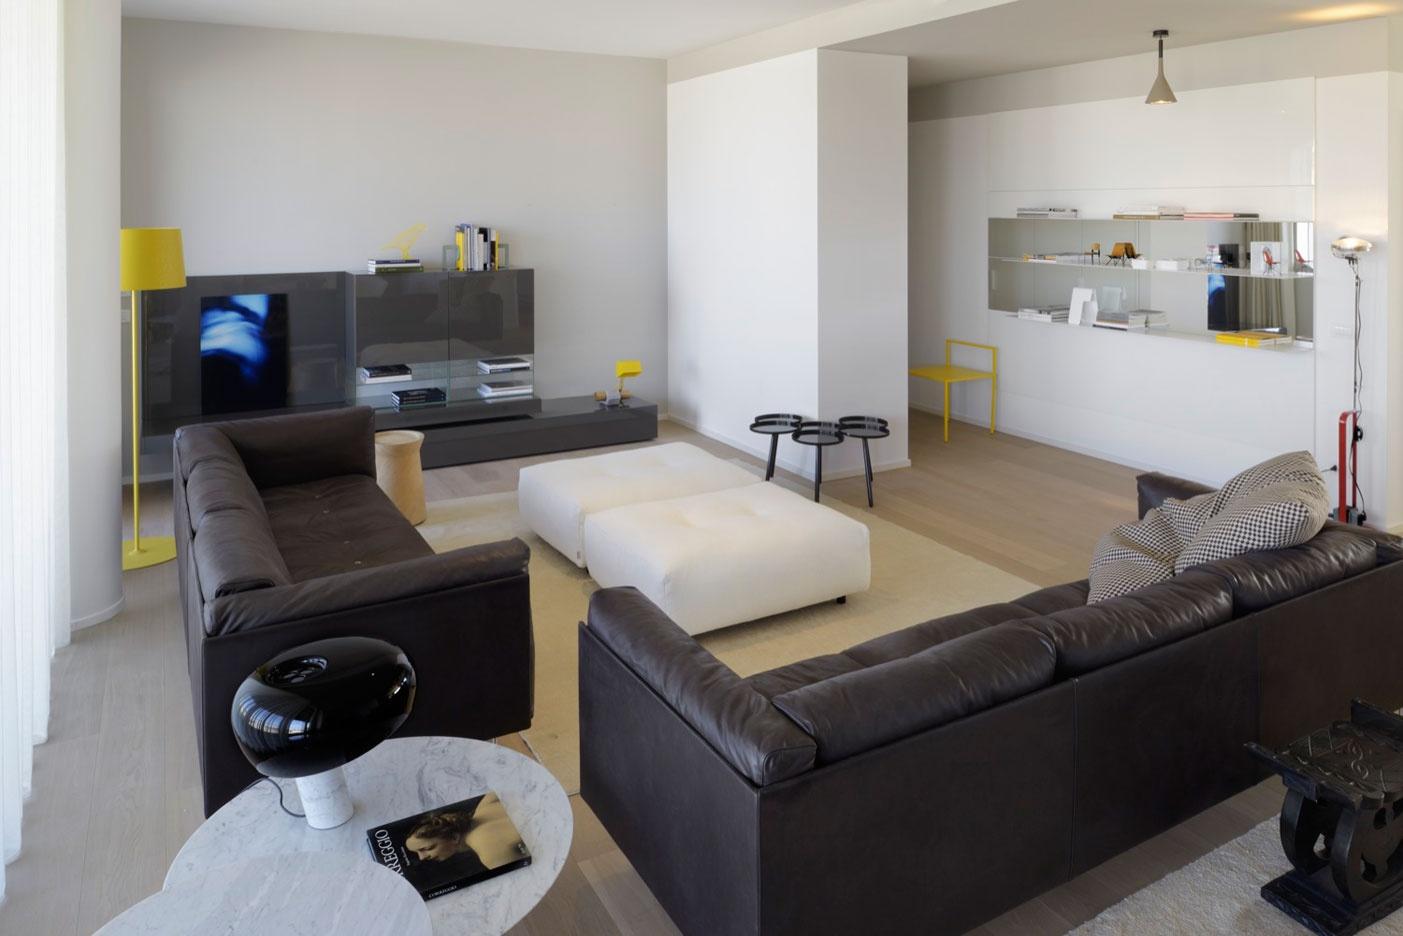 Gli arredi porro negli appartamenti campione di interni for Archi per interni appartamenti